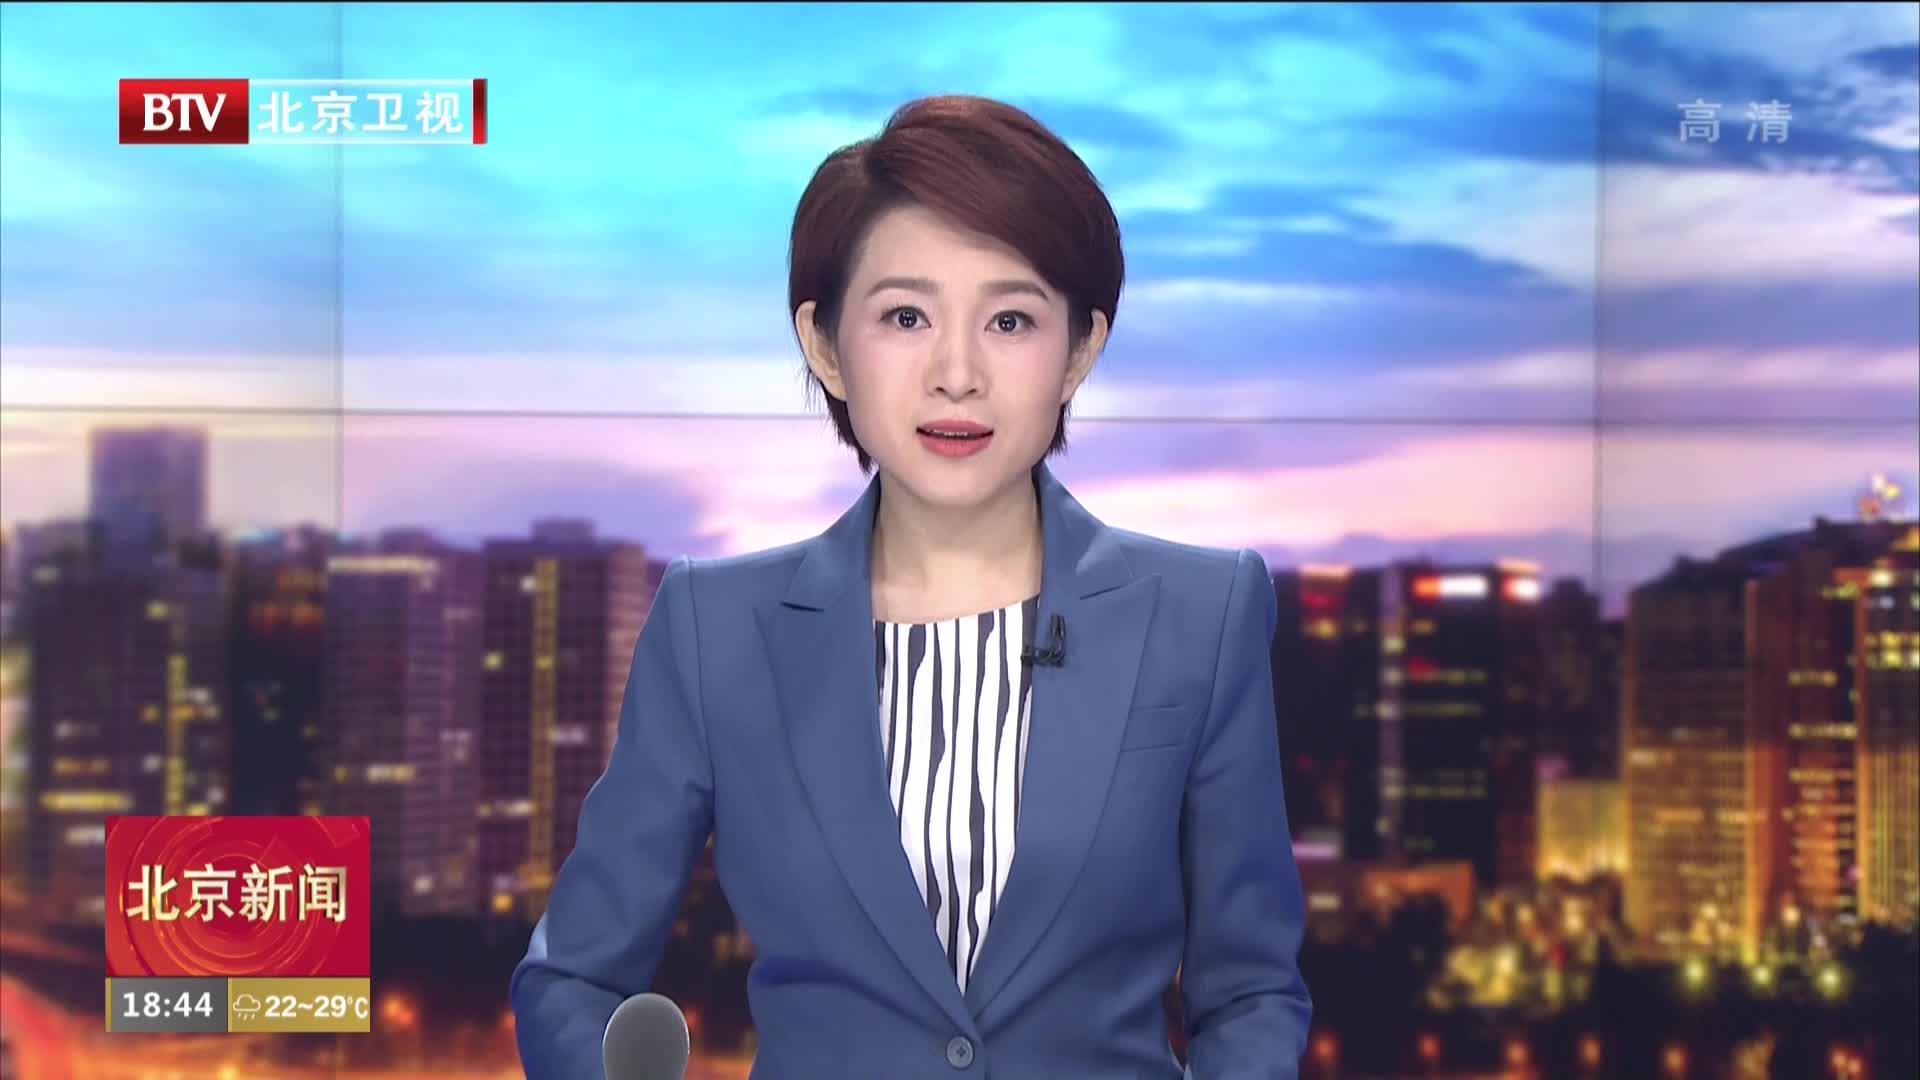 服务贸易引领美好生活|北京人力资源服务企业将首次亮相服贸会